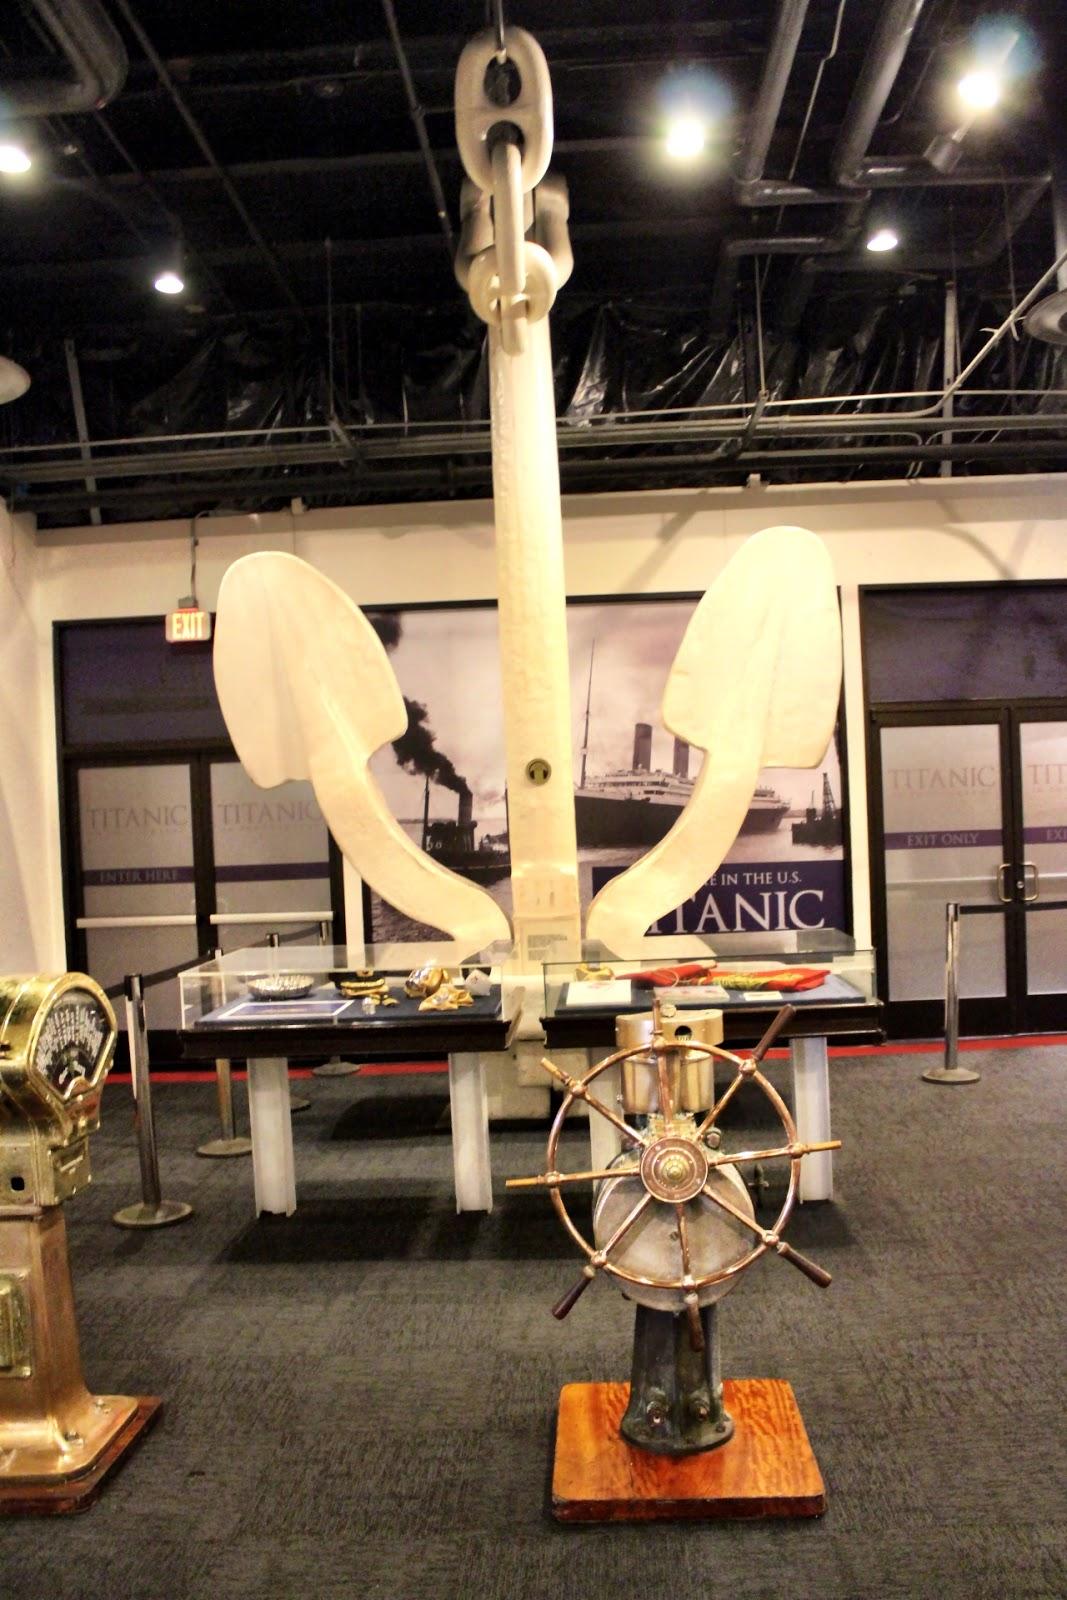 Queen Mary Engine Room: Evan And Lauren's Cool Blog: 9/15/17: Fun On The Queen